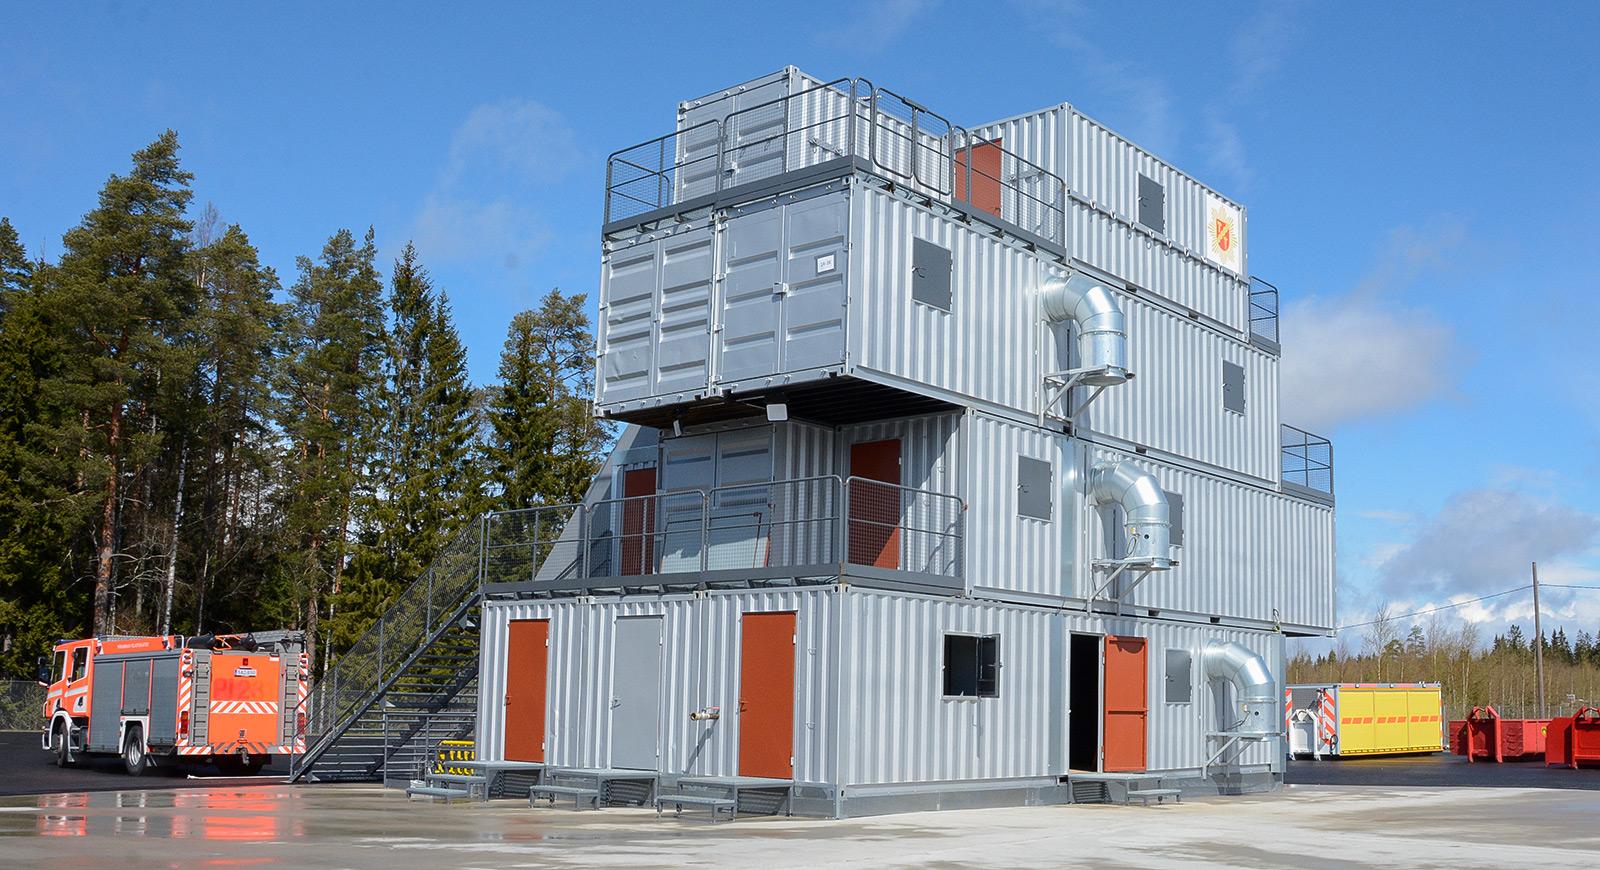 Nelikerroksinen palotalo muodostuu yhdeksästä 12 metrin ja kahdesta 6 metrin merikontista. Vaativuutta on lisätty siirrettävillä väliseinillä. Kohteessa voidaan harjoitella myös ikkunoista, parvekkeilta ja kellarista pelastamista. Kattotyöskentelyyn on länsipuolella oma lappeensa. Kangasalla on myös verstas koko Pirkanmaan pelastuslaitoksen autokaluston huoltoon ja koulutuskalustoa. Tavoitteena on täysiverinen harjoitusalue.